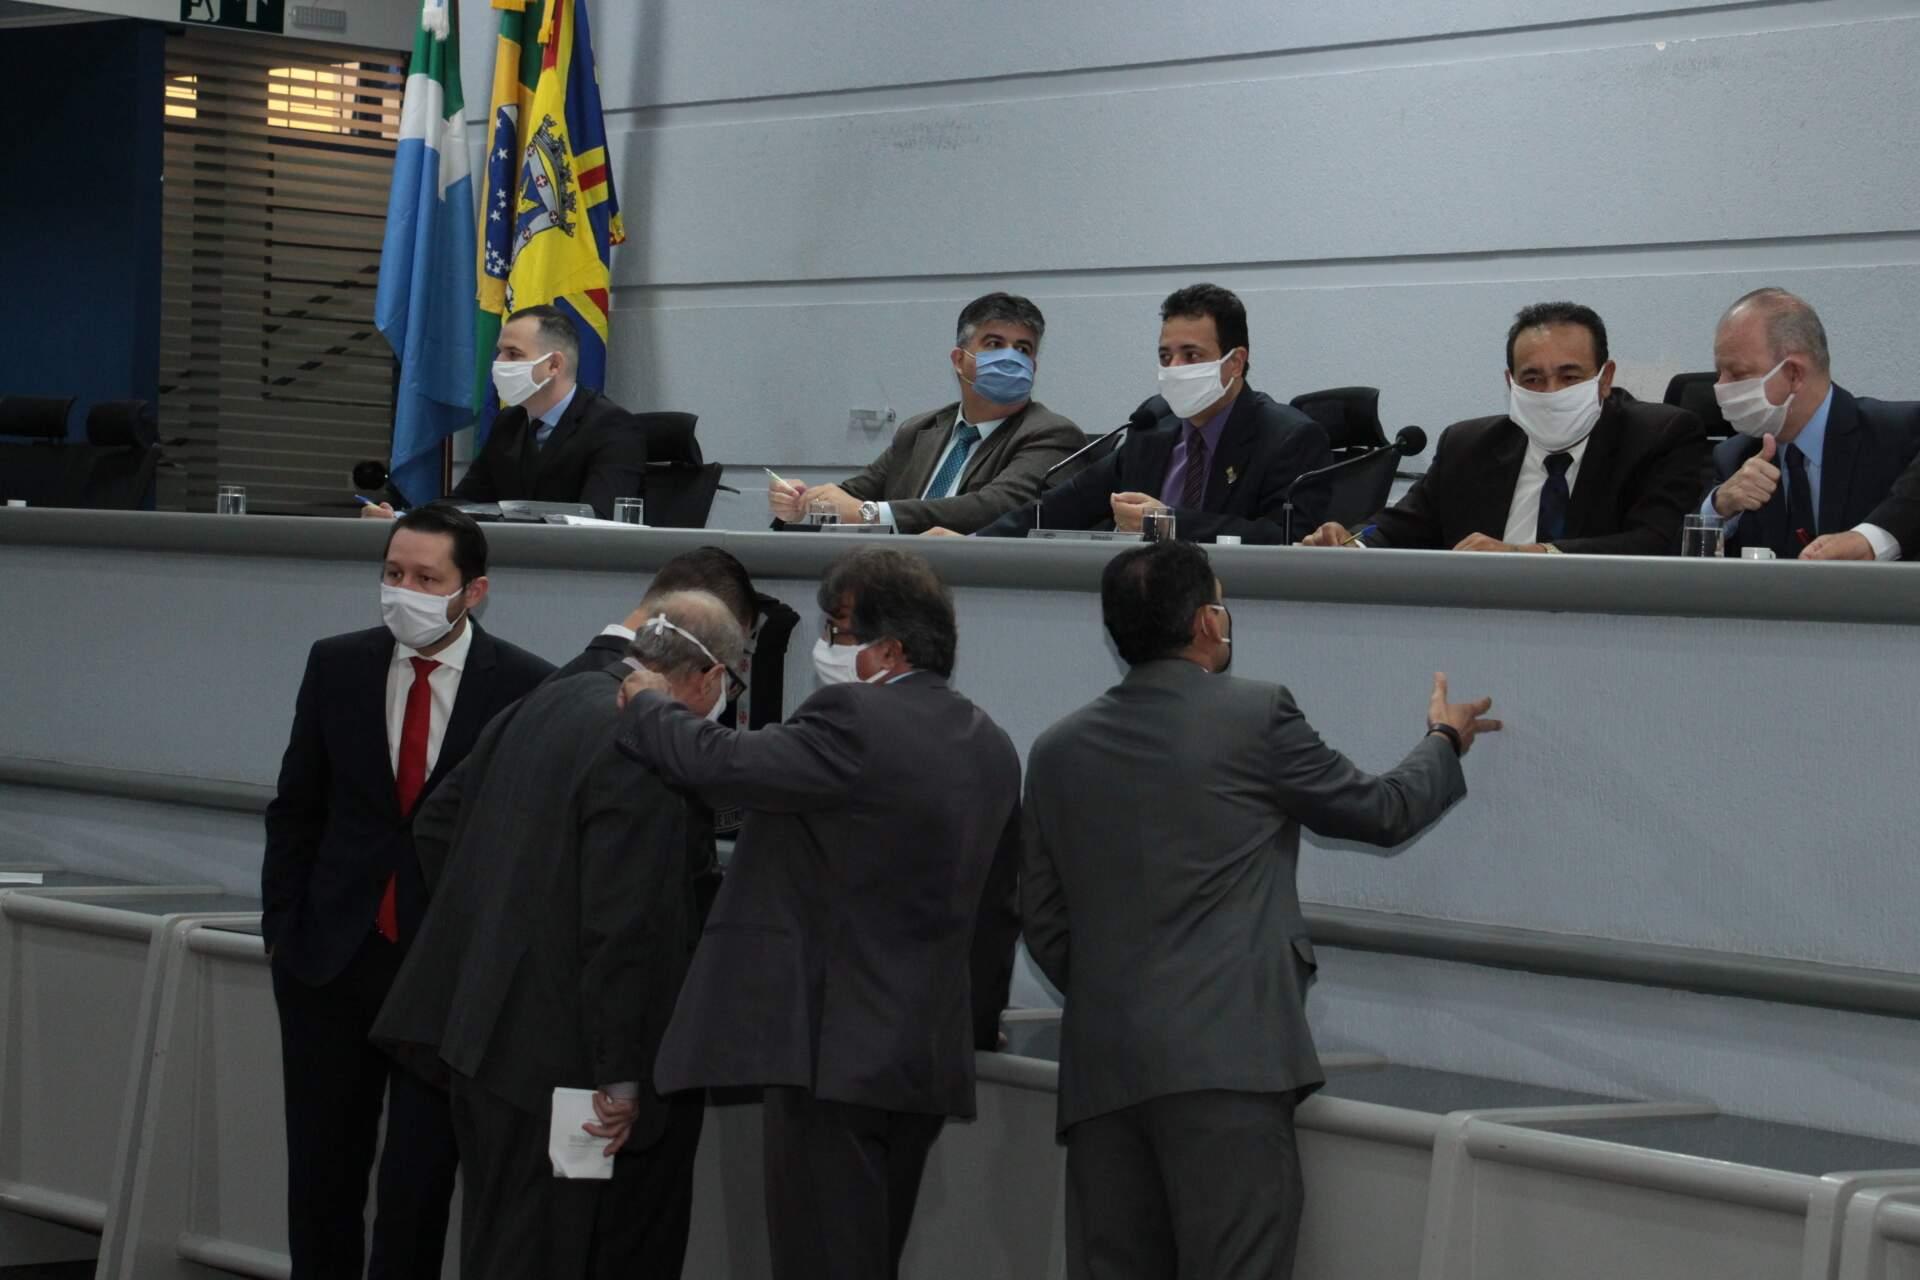 Balanço de emendas foi apresentado nesta terça-feira, durante sessão ordinária (Foto: Izaías Medeiros/CMCG)